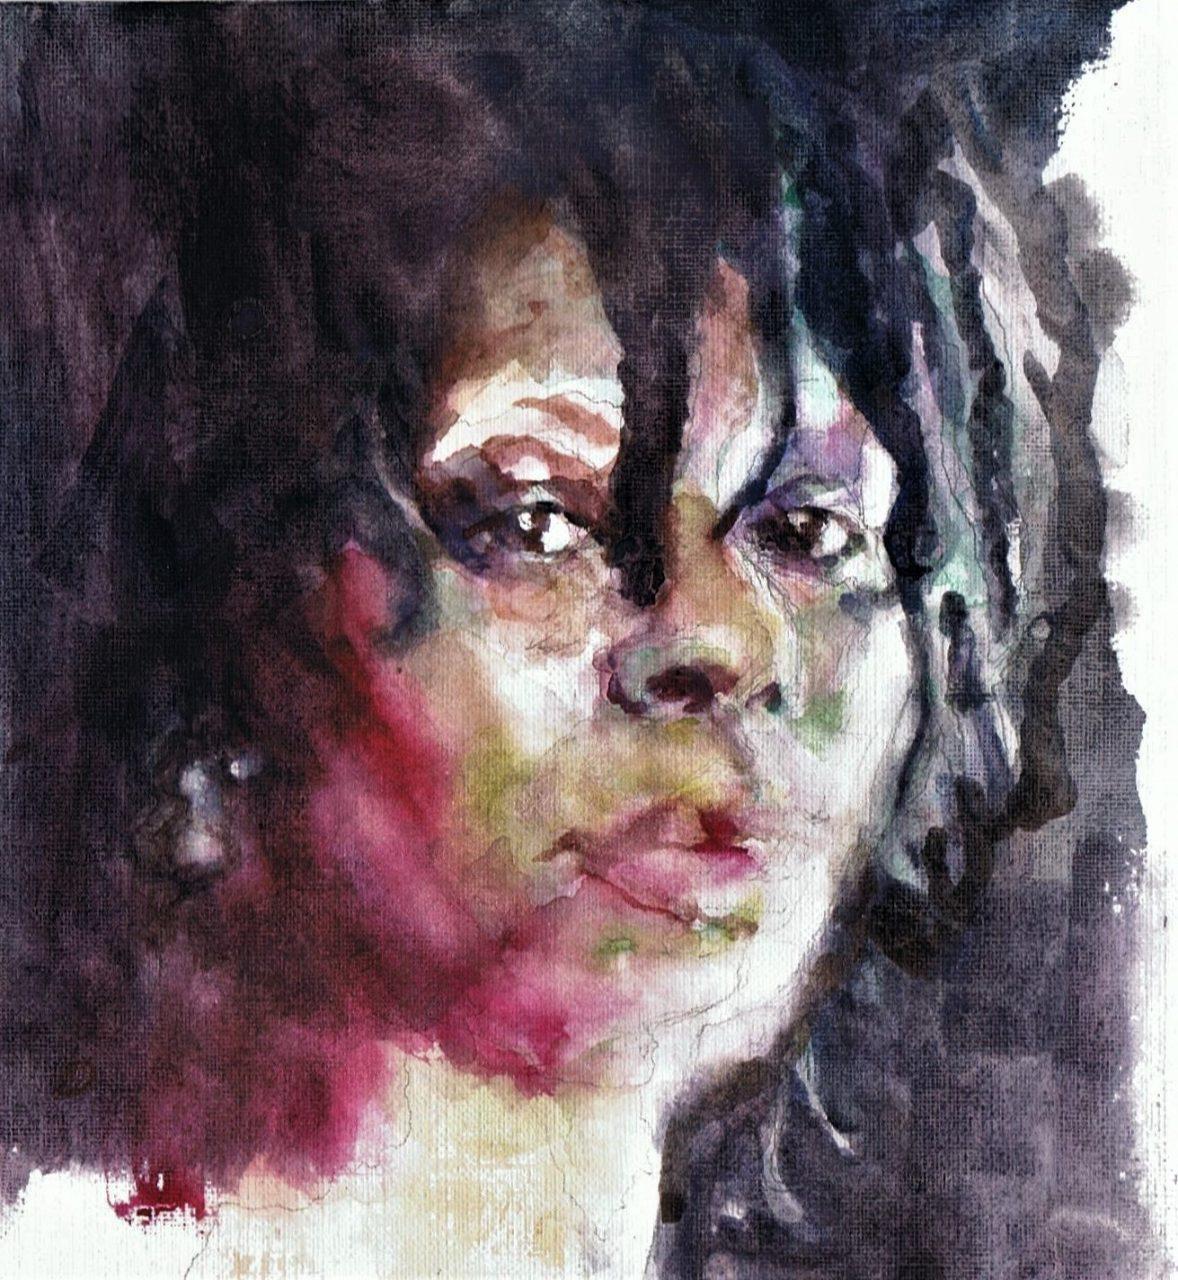 365 dagen een portret Whoopi Goldberg, actrice Aquarel 19c25